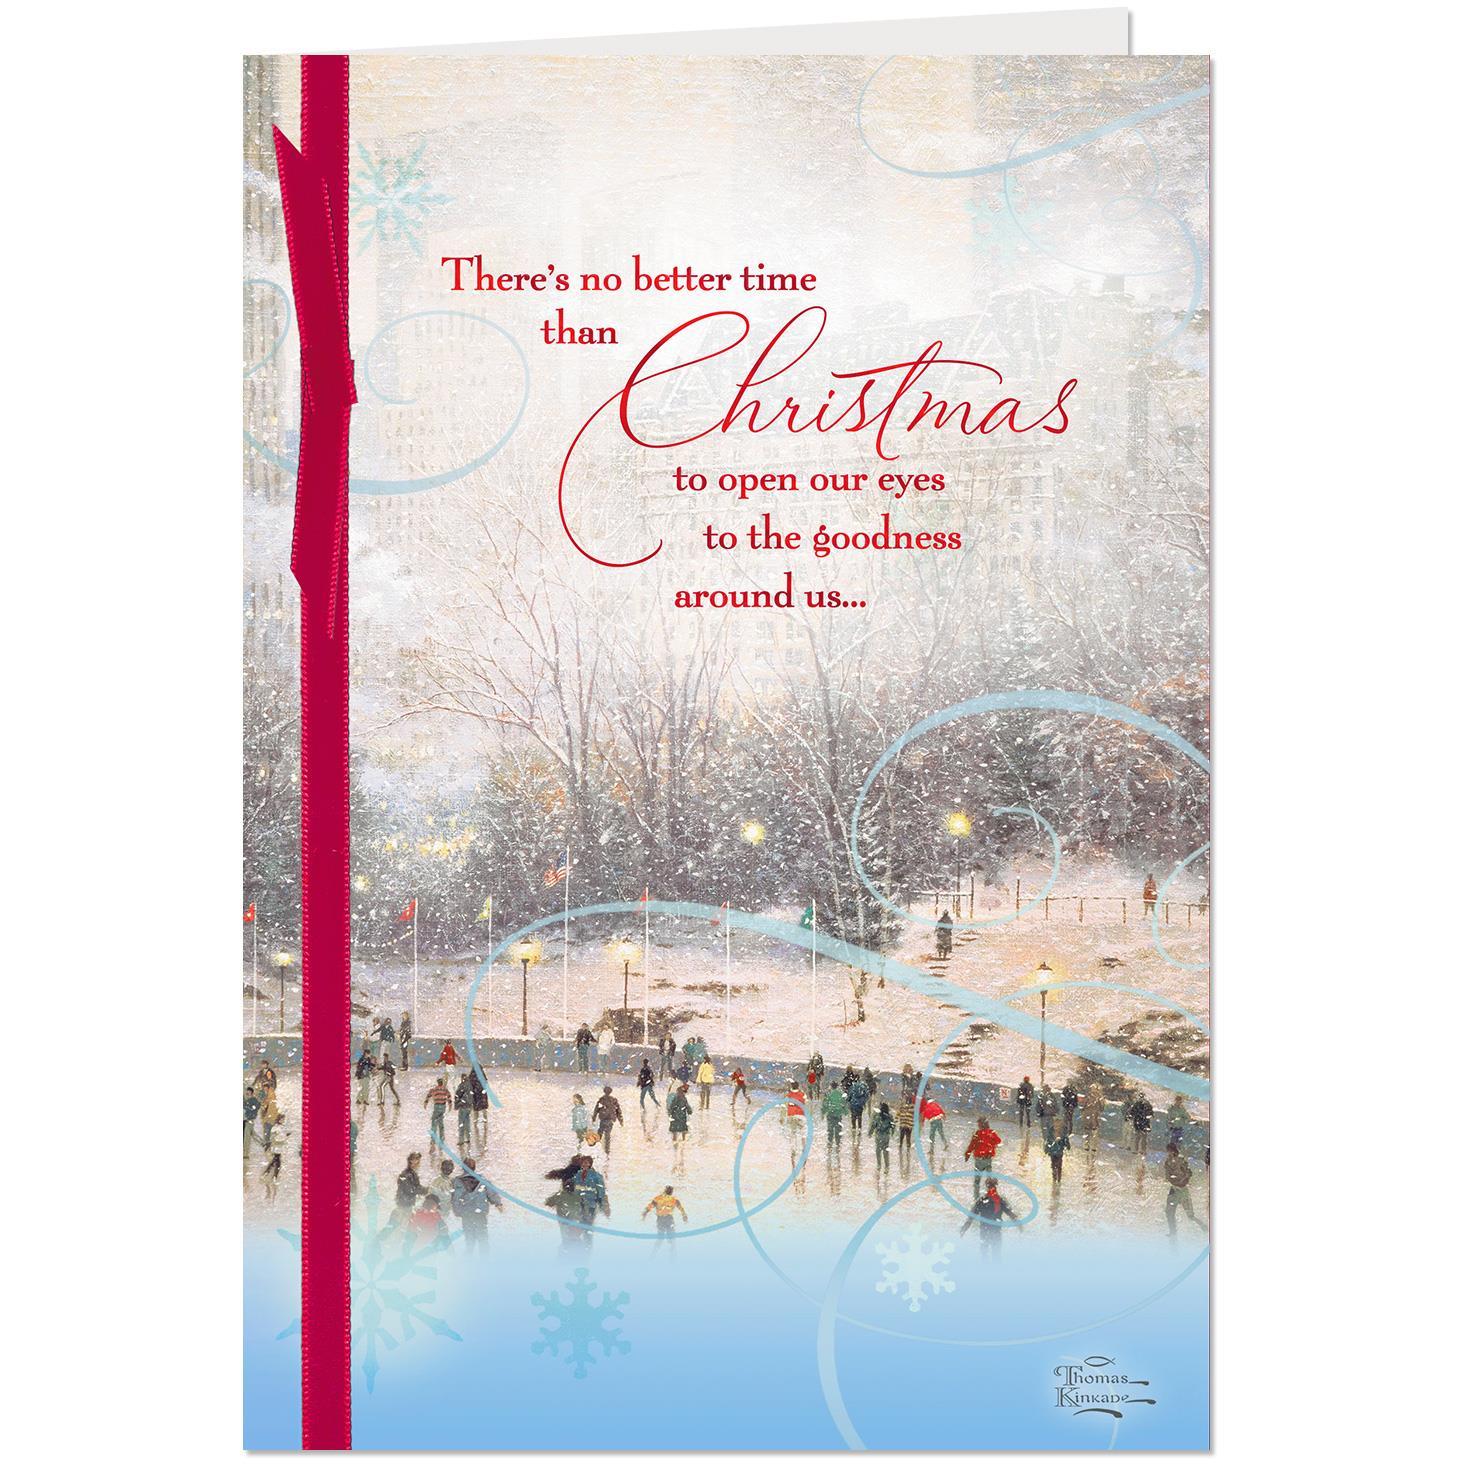 Thomas Kinkade Skating in the Park Christmas Card - Greeting Cards ...